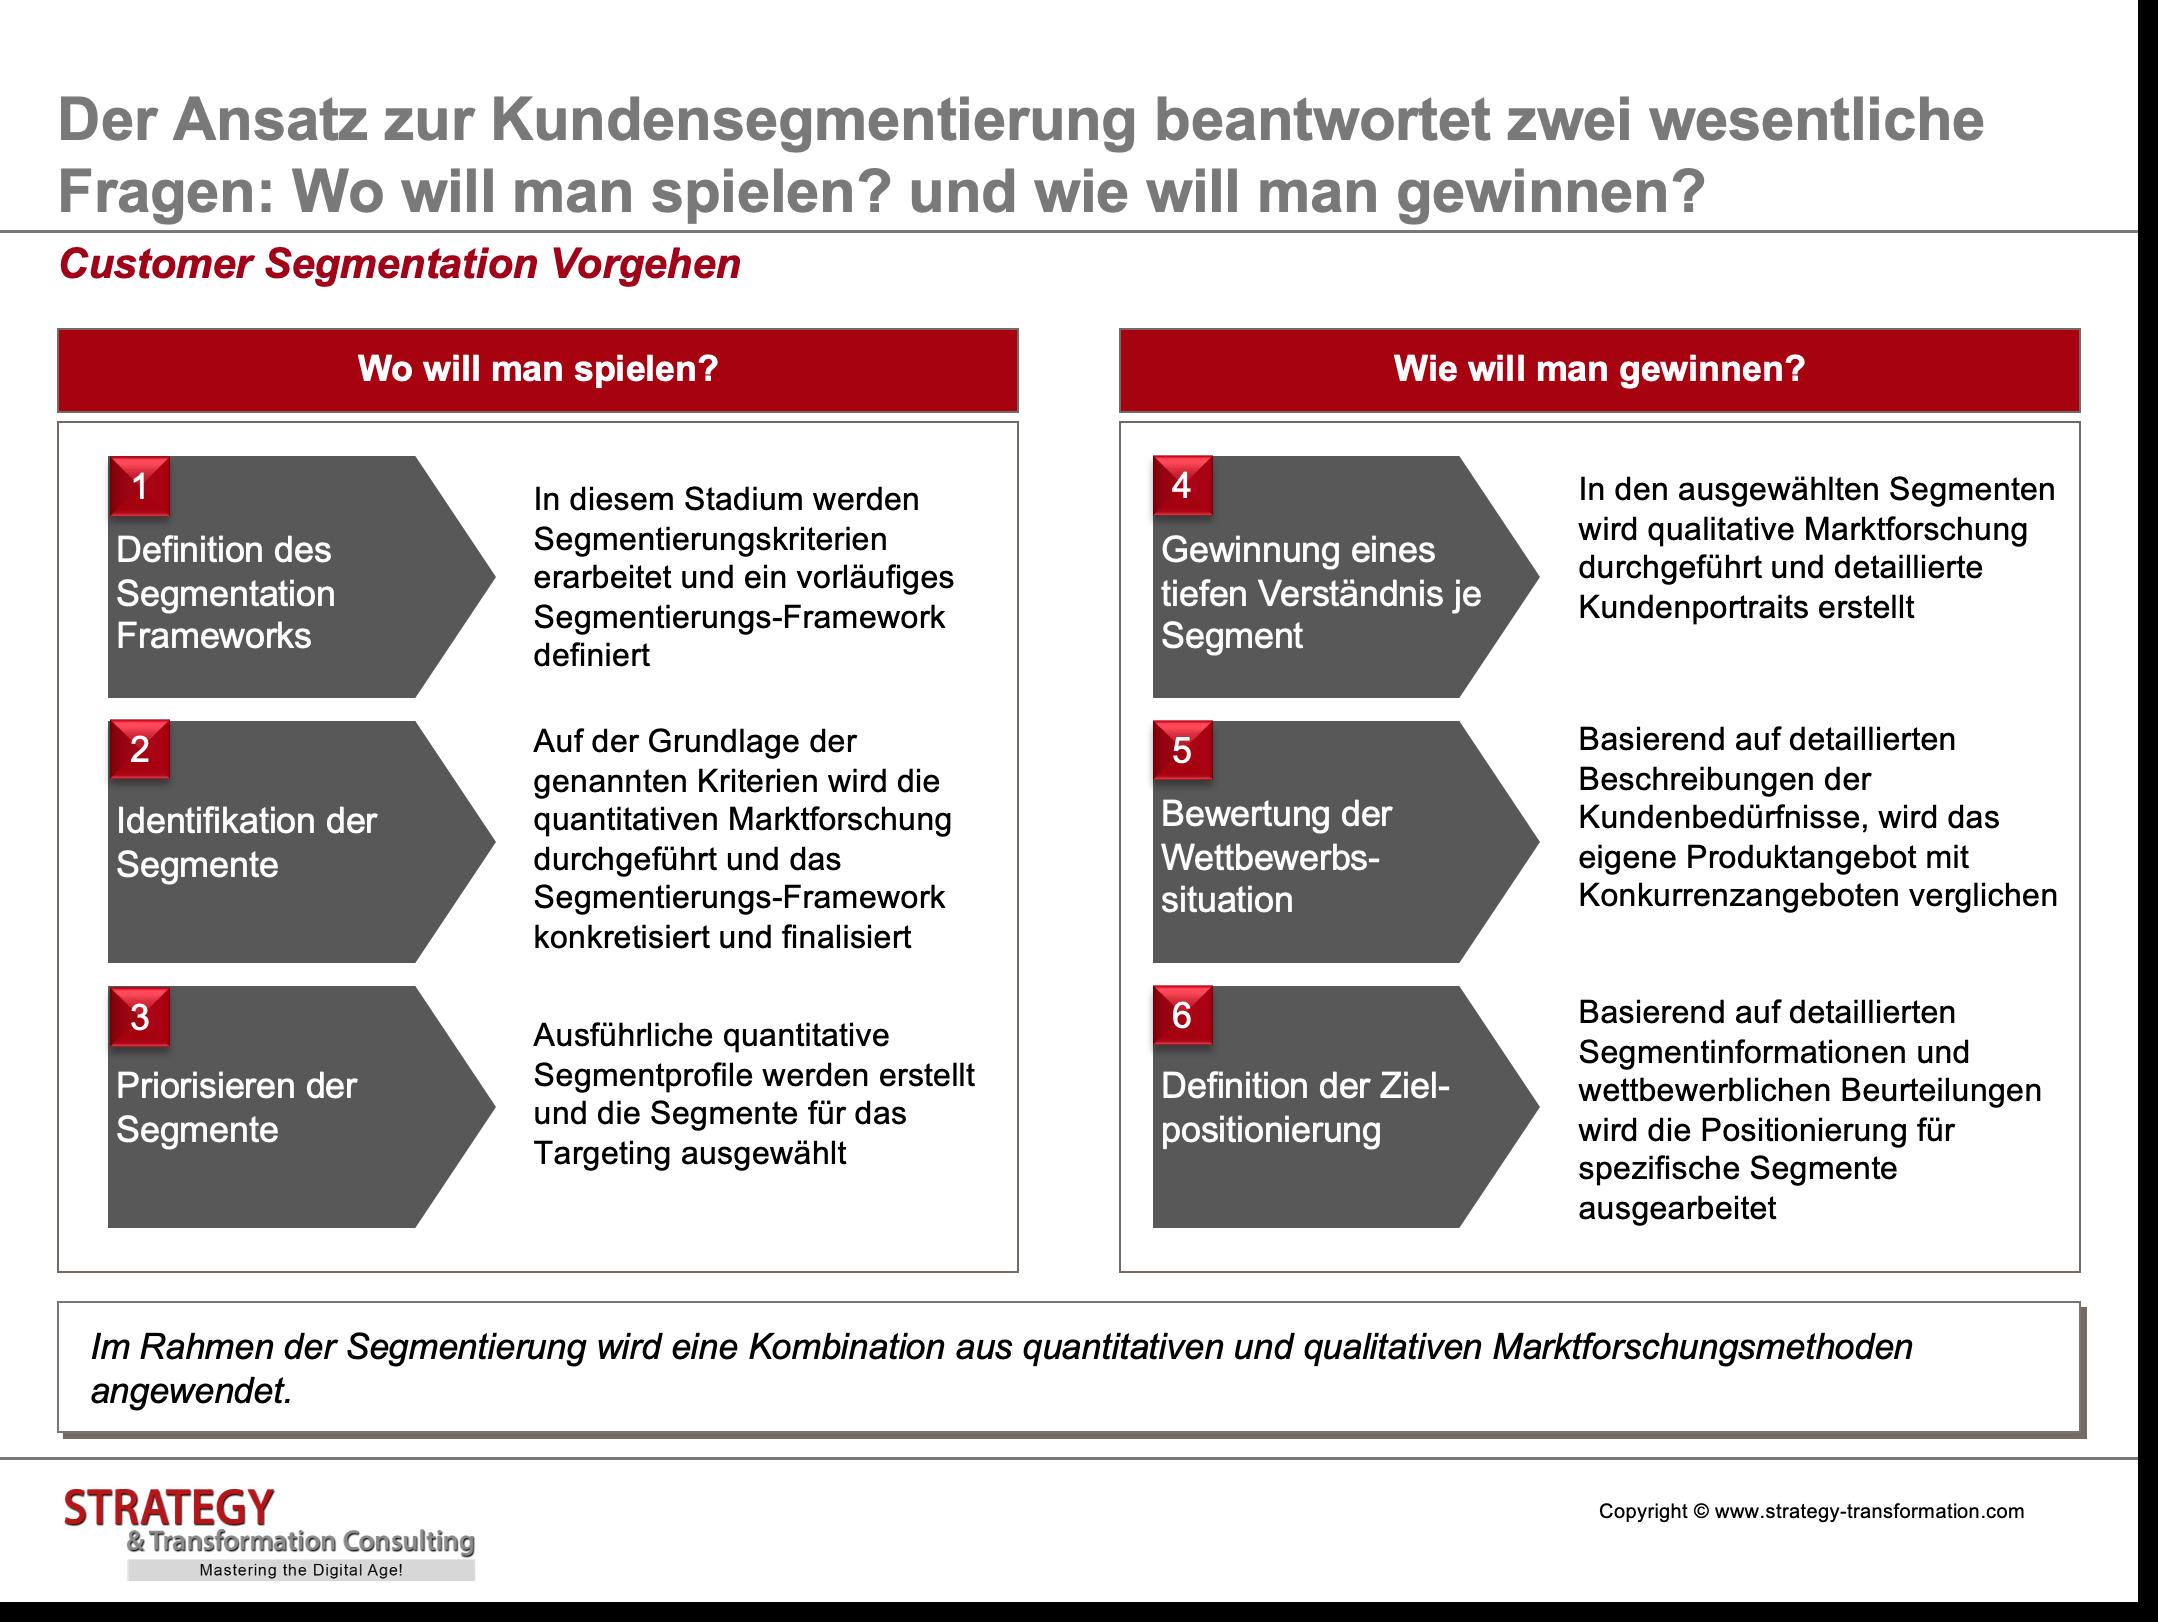 Customer Experience Management_Customer Segmentation Vorgehen